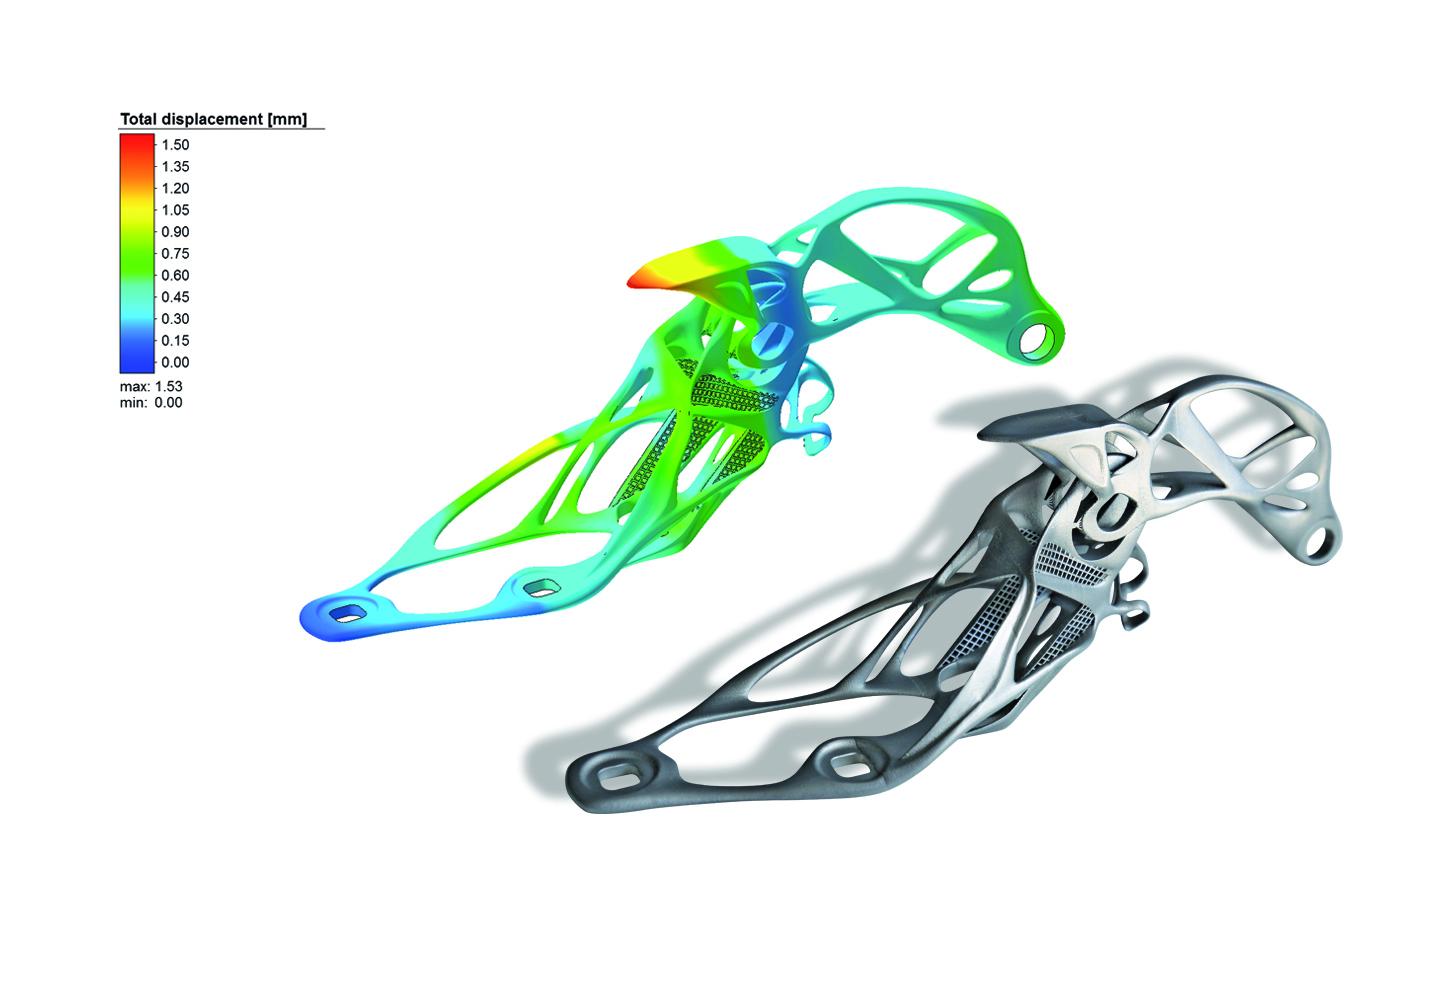 在Simufact添加剂上创建的模拟旁边的汽车发动机罩铰链